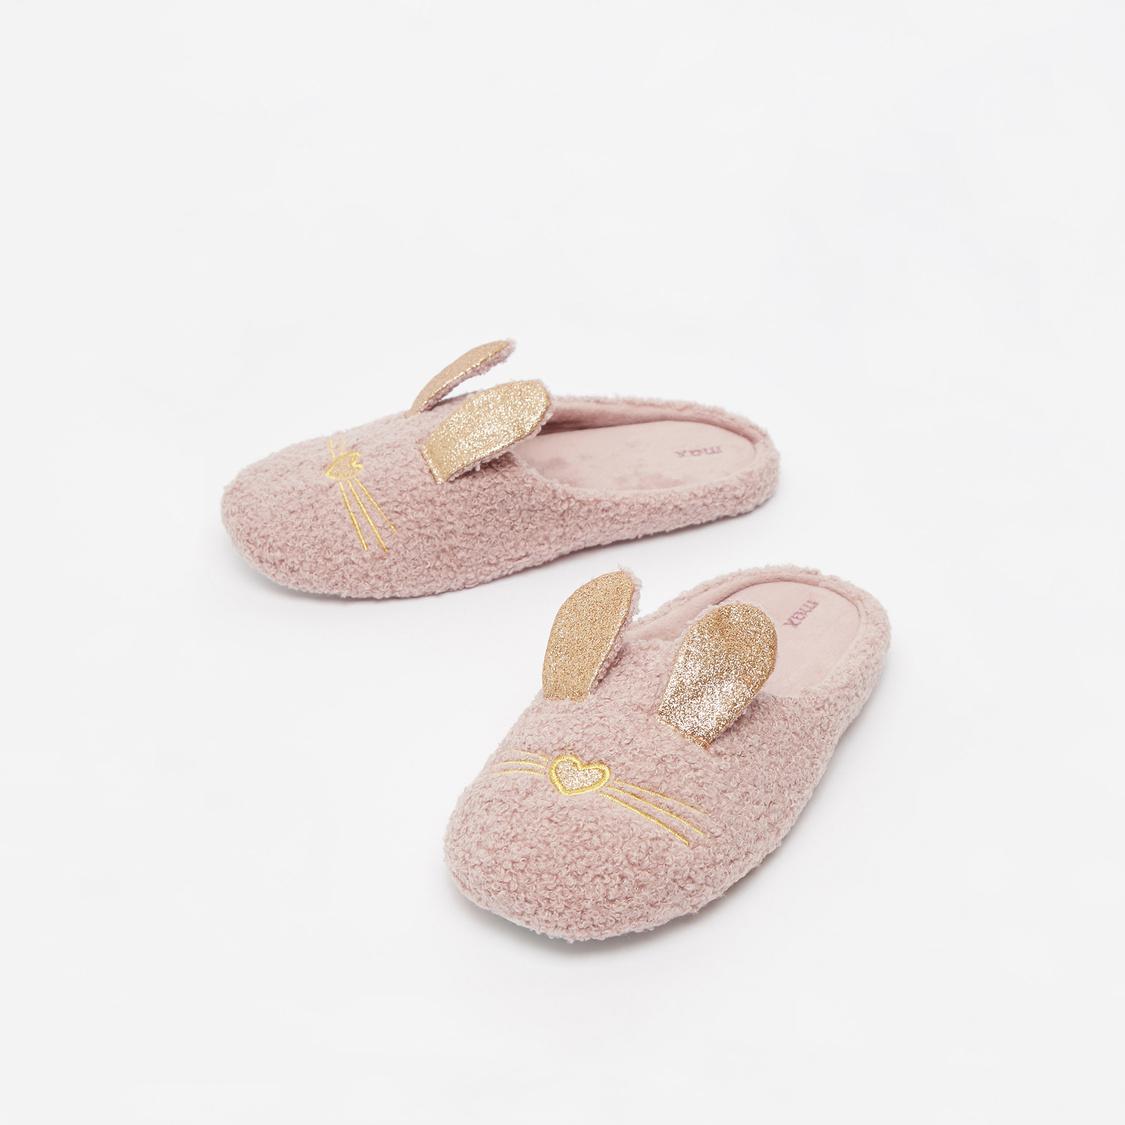 Rabbit Applique Bedroom Slippers